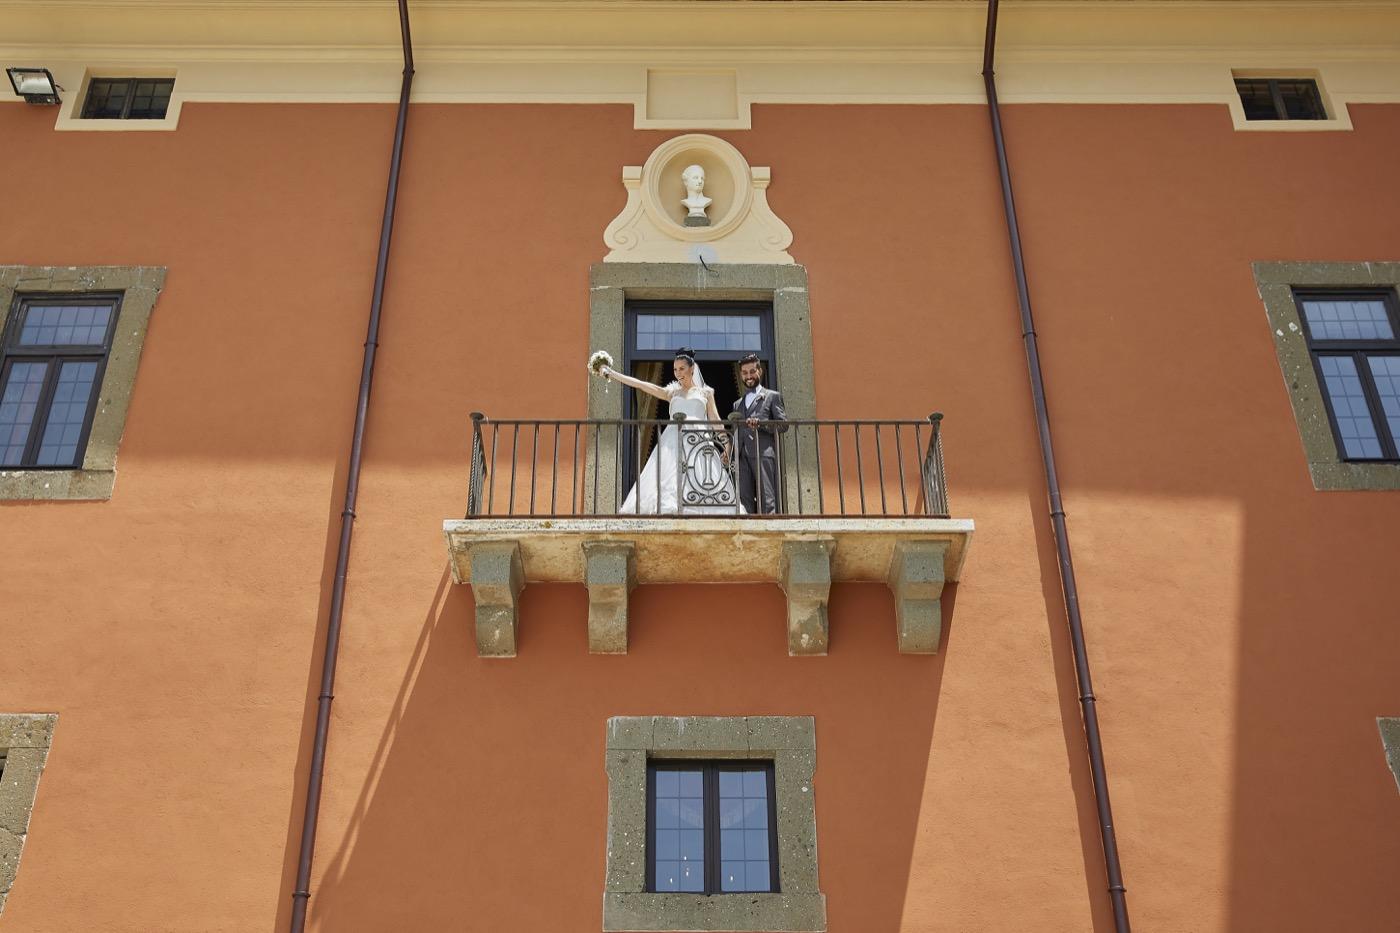 Claudio-Coppola-wedding-photographer-villa-del-cardinale-rocca-di-papa-castel-gandolfo-48